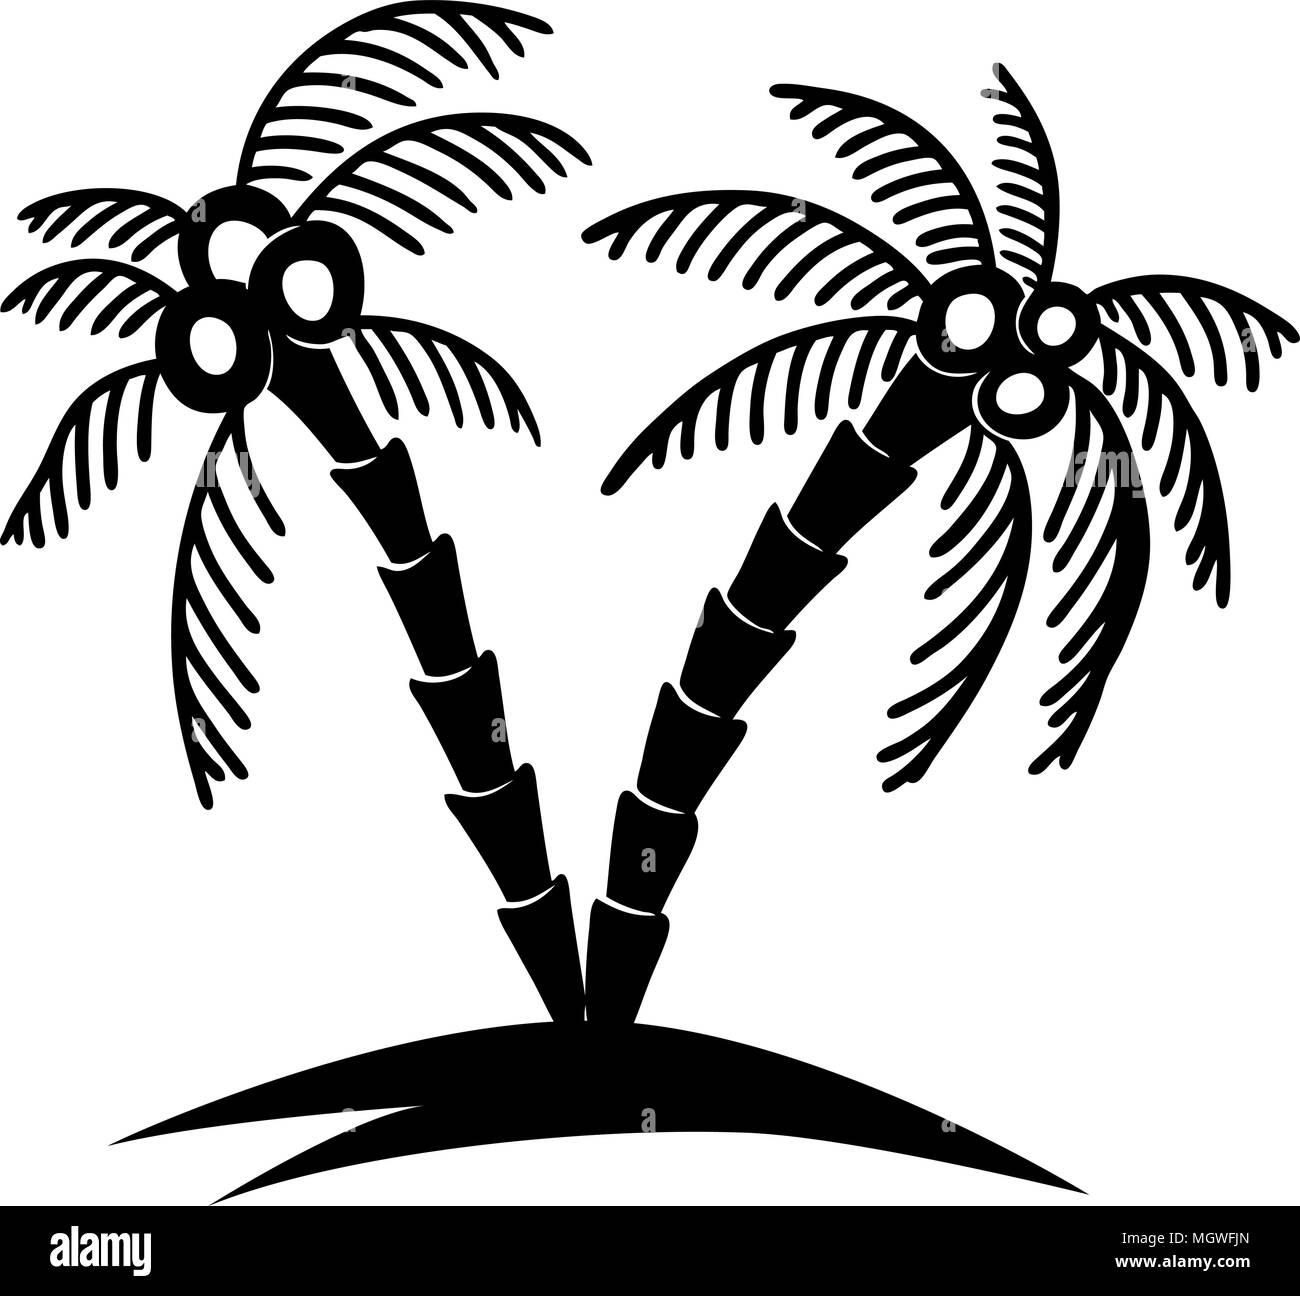 Ensemble De Main Appelee Palmier Illustrations Lelement Conception Pour Poster Carte Visite Banniere T Shirt Image Vectorielle